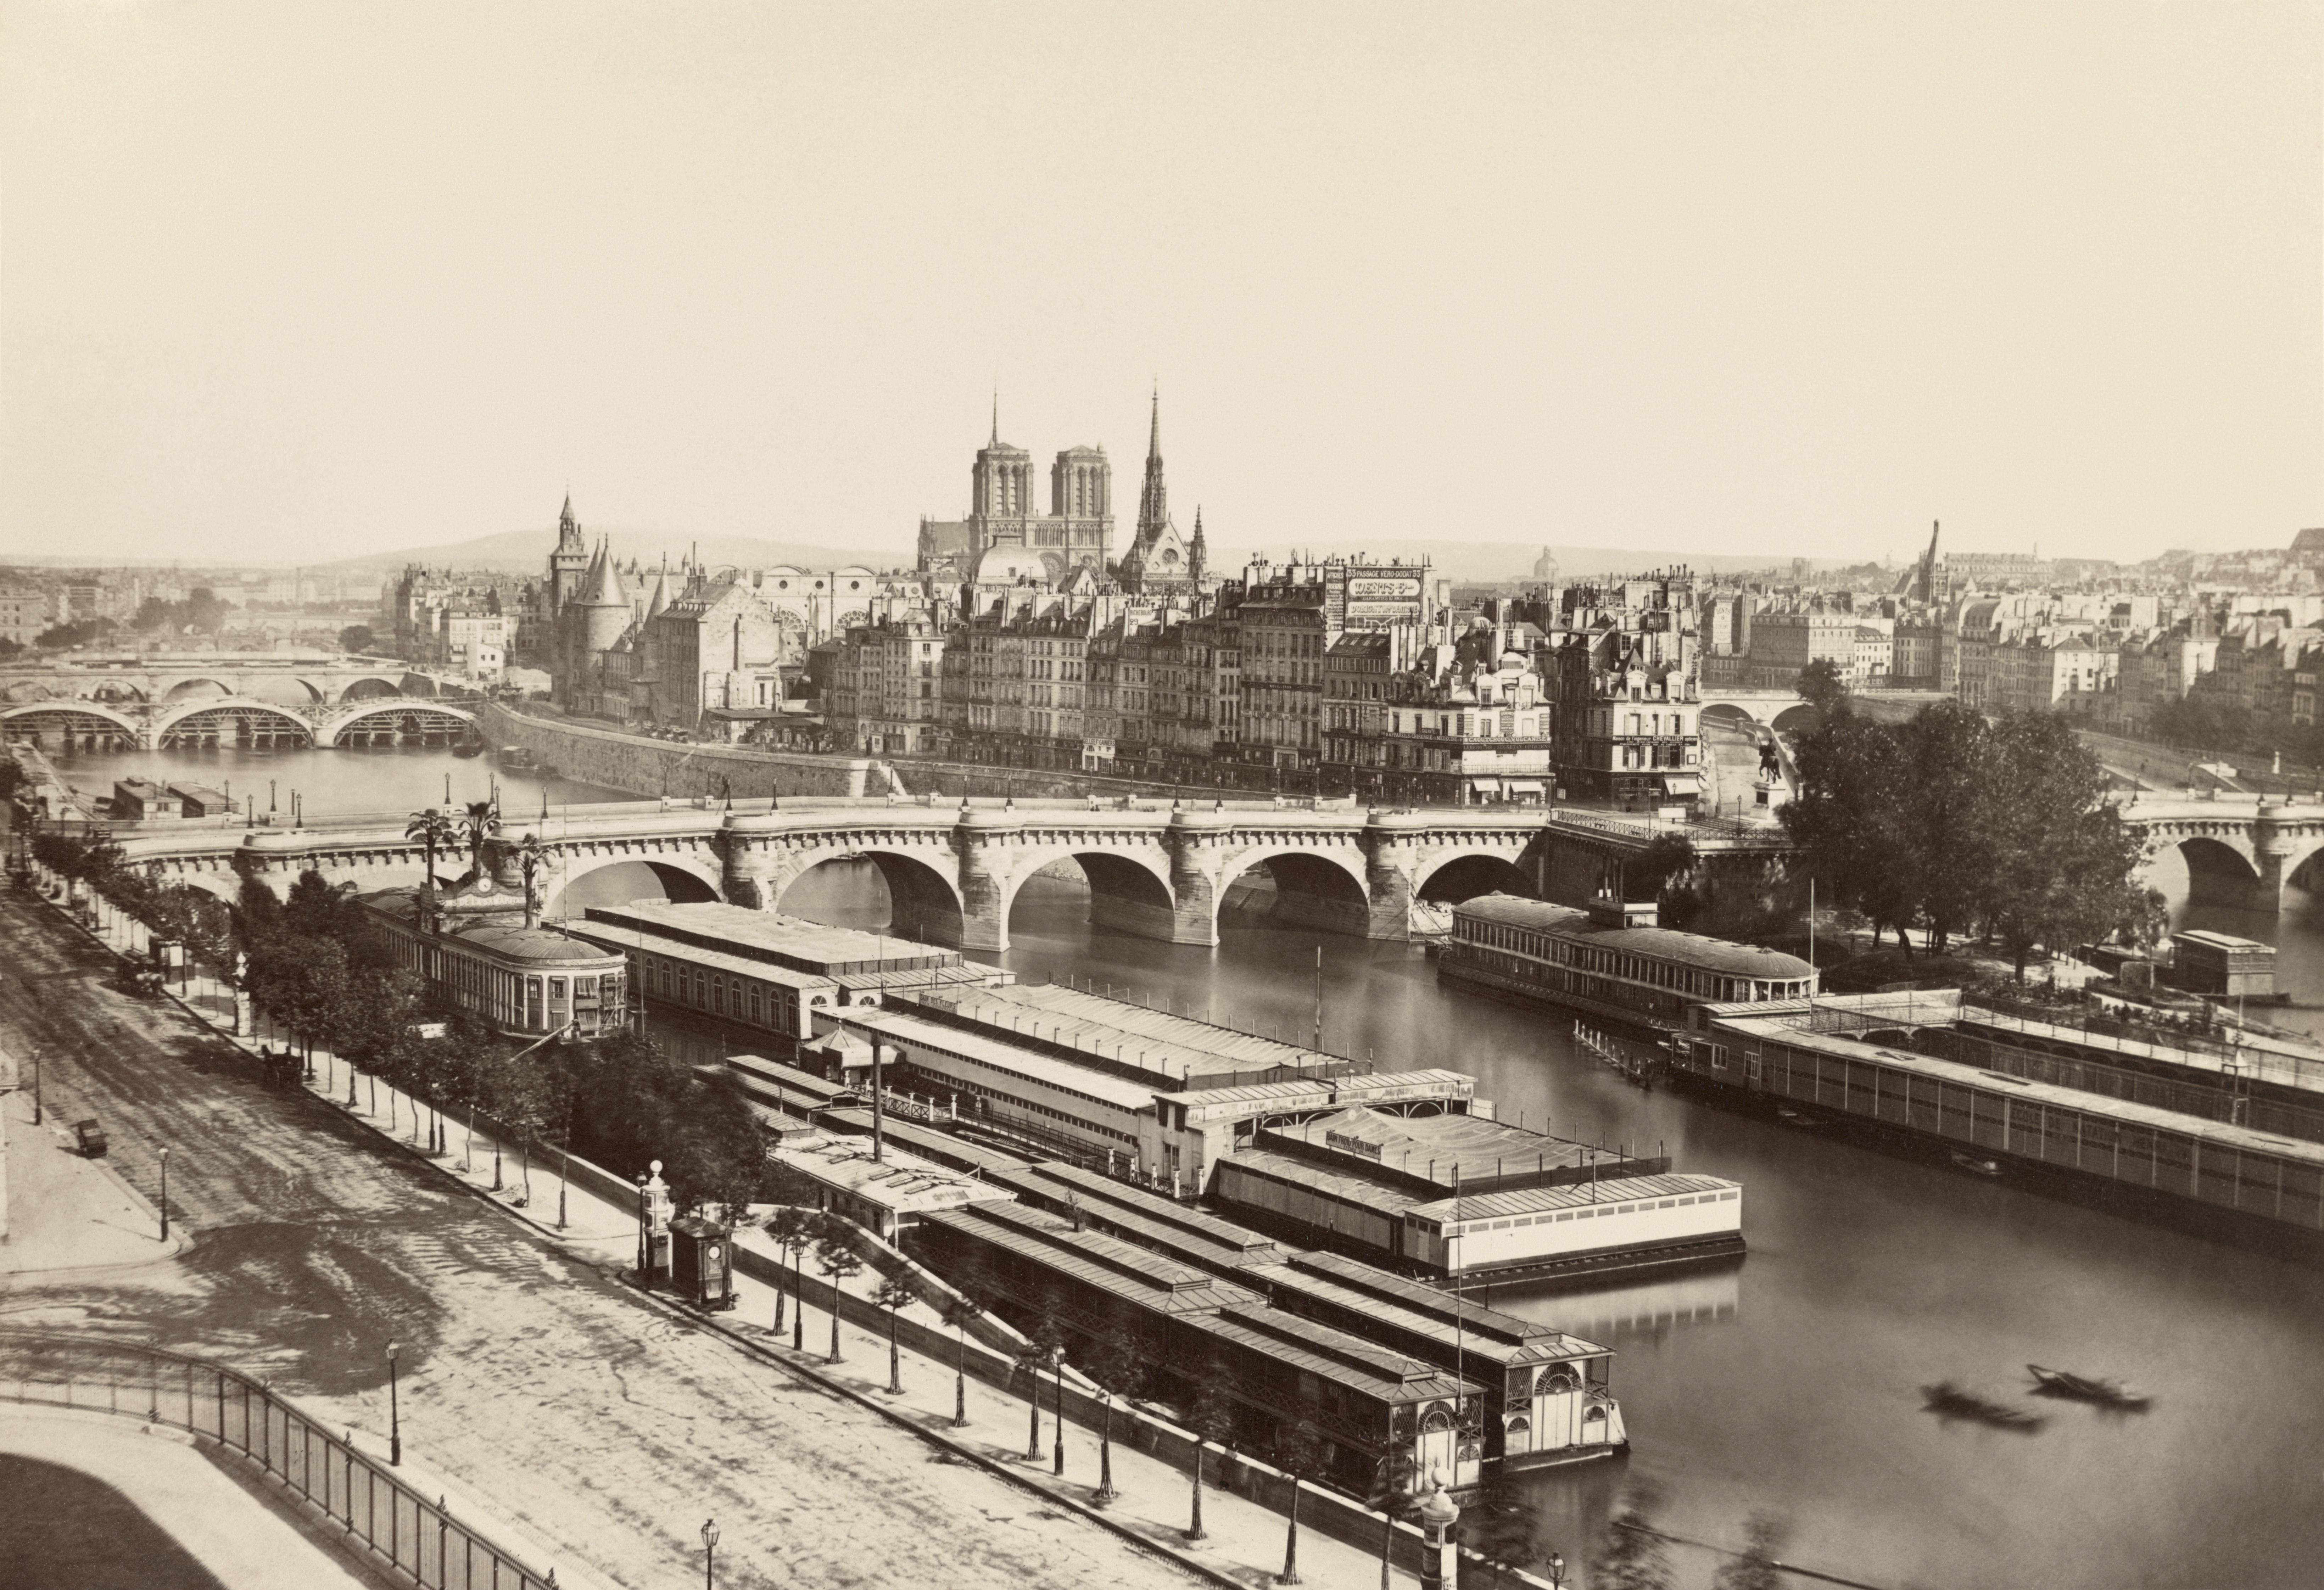 File:Édouard Baldus, Paris - Panorama, between 1851 and 1870.jpg